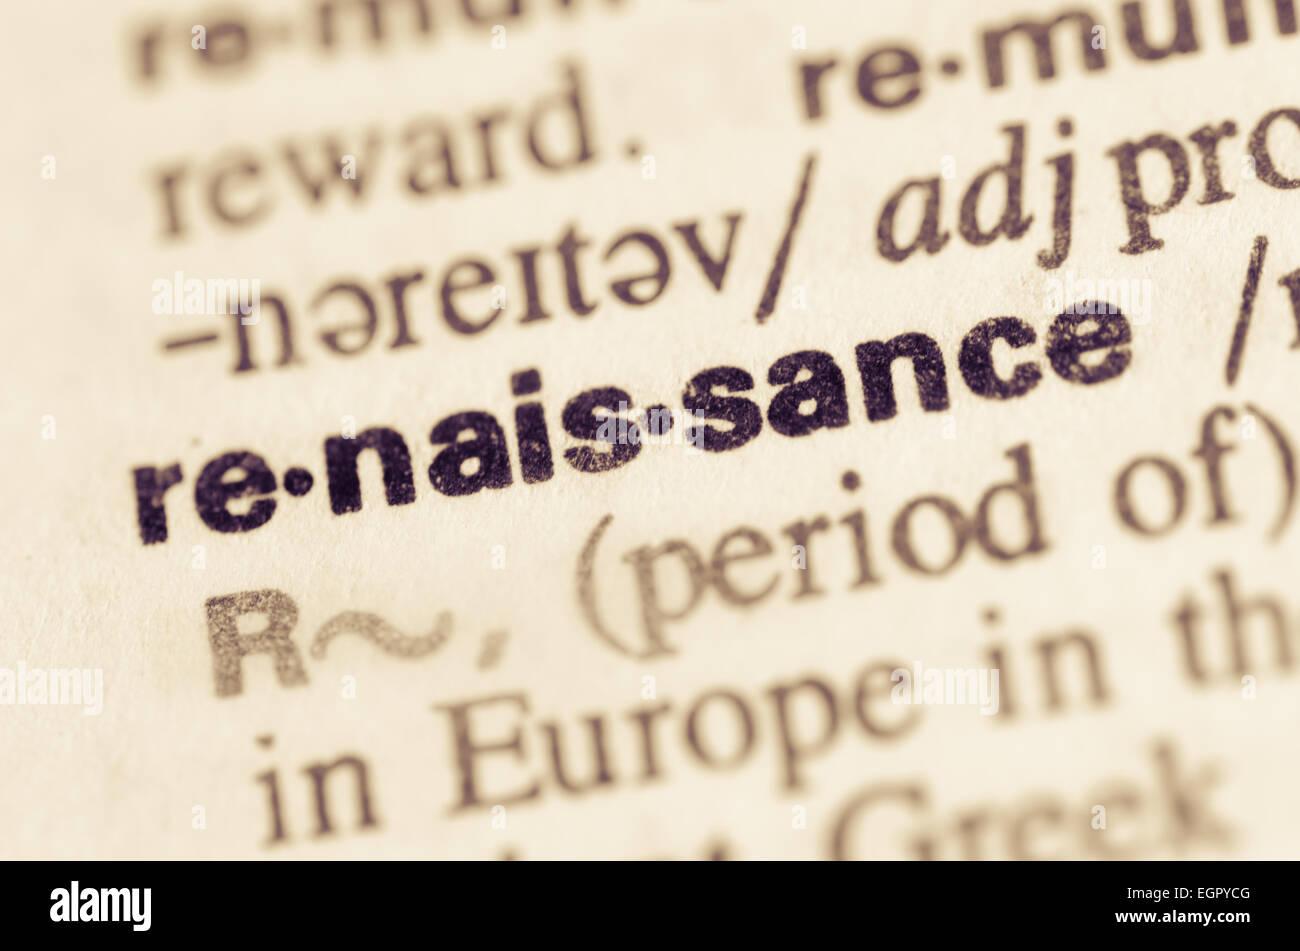 Definición de la palabra en el diccionario del renacimiento Imagen De Stock